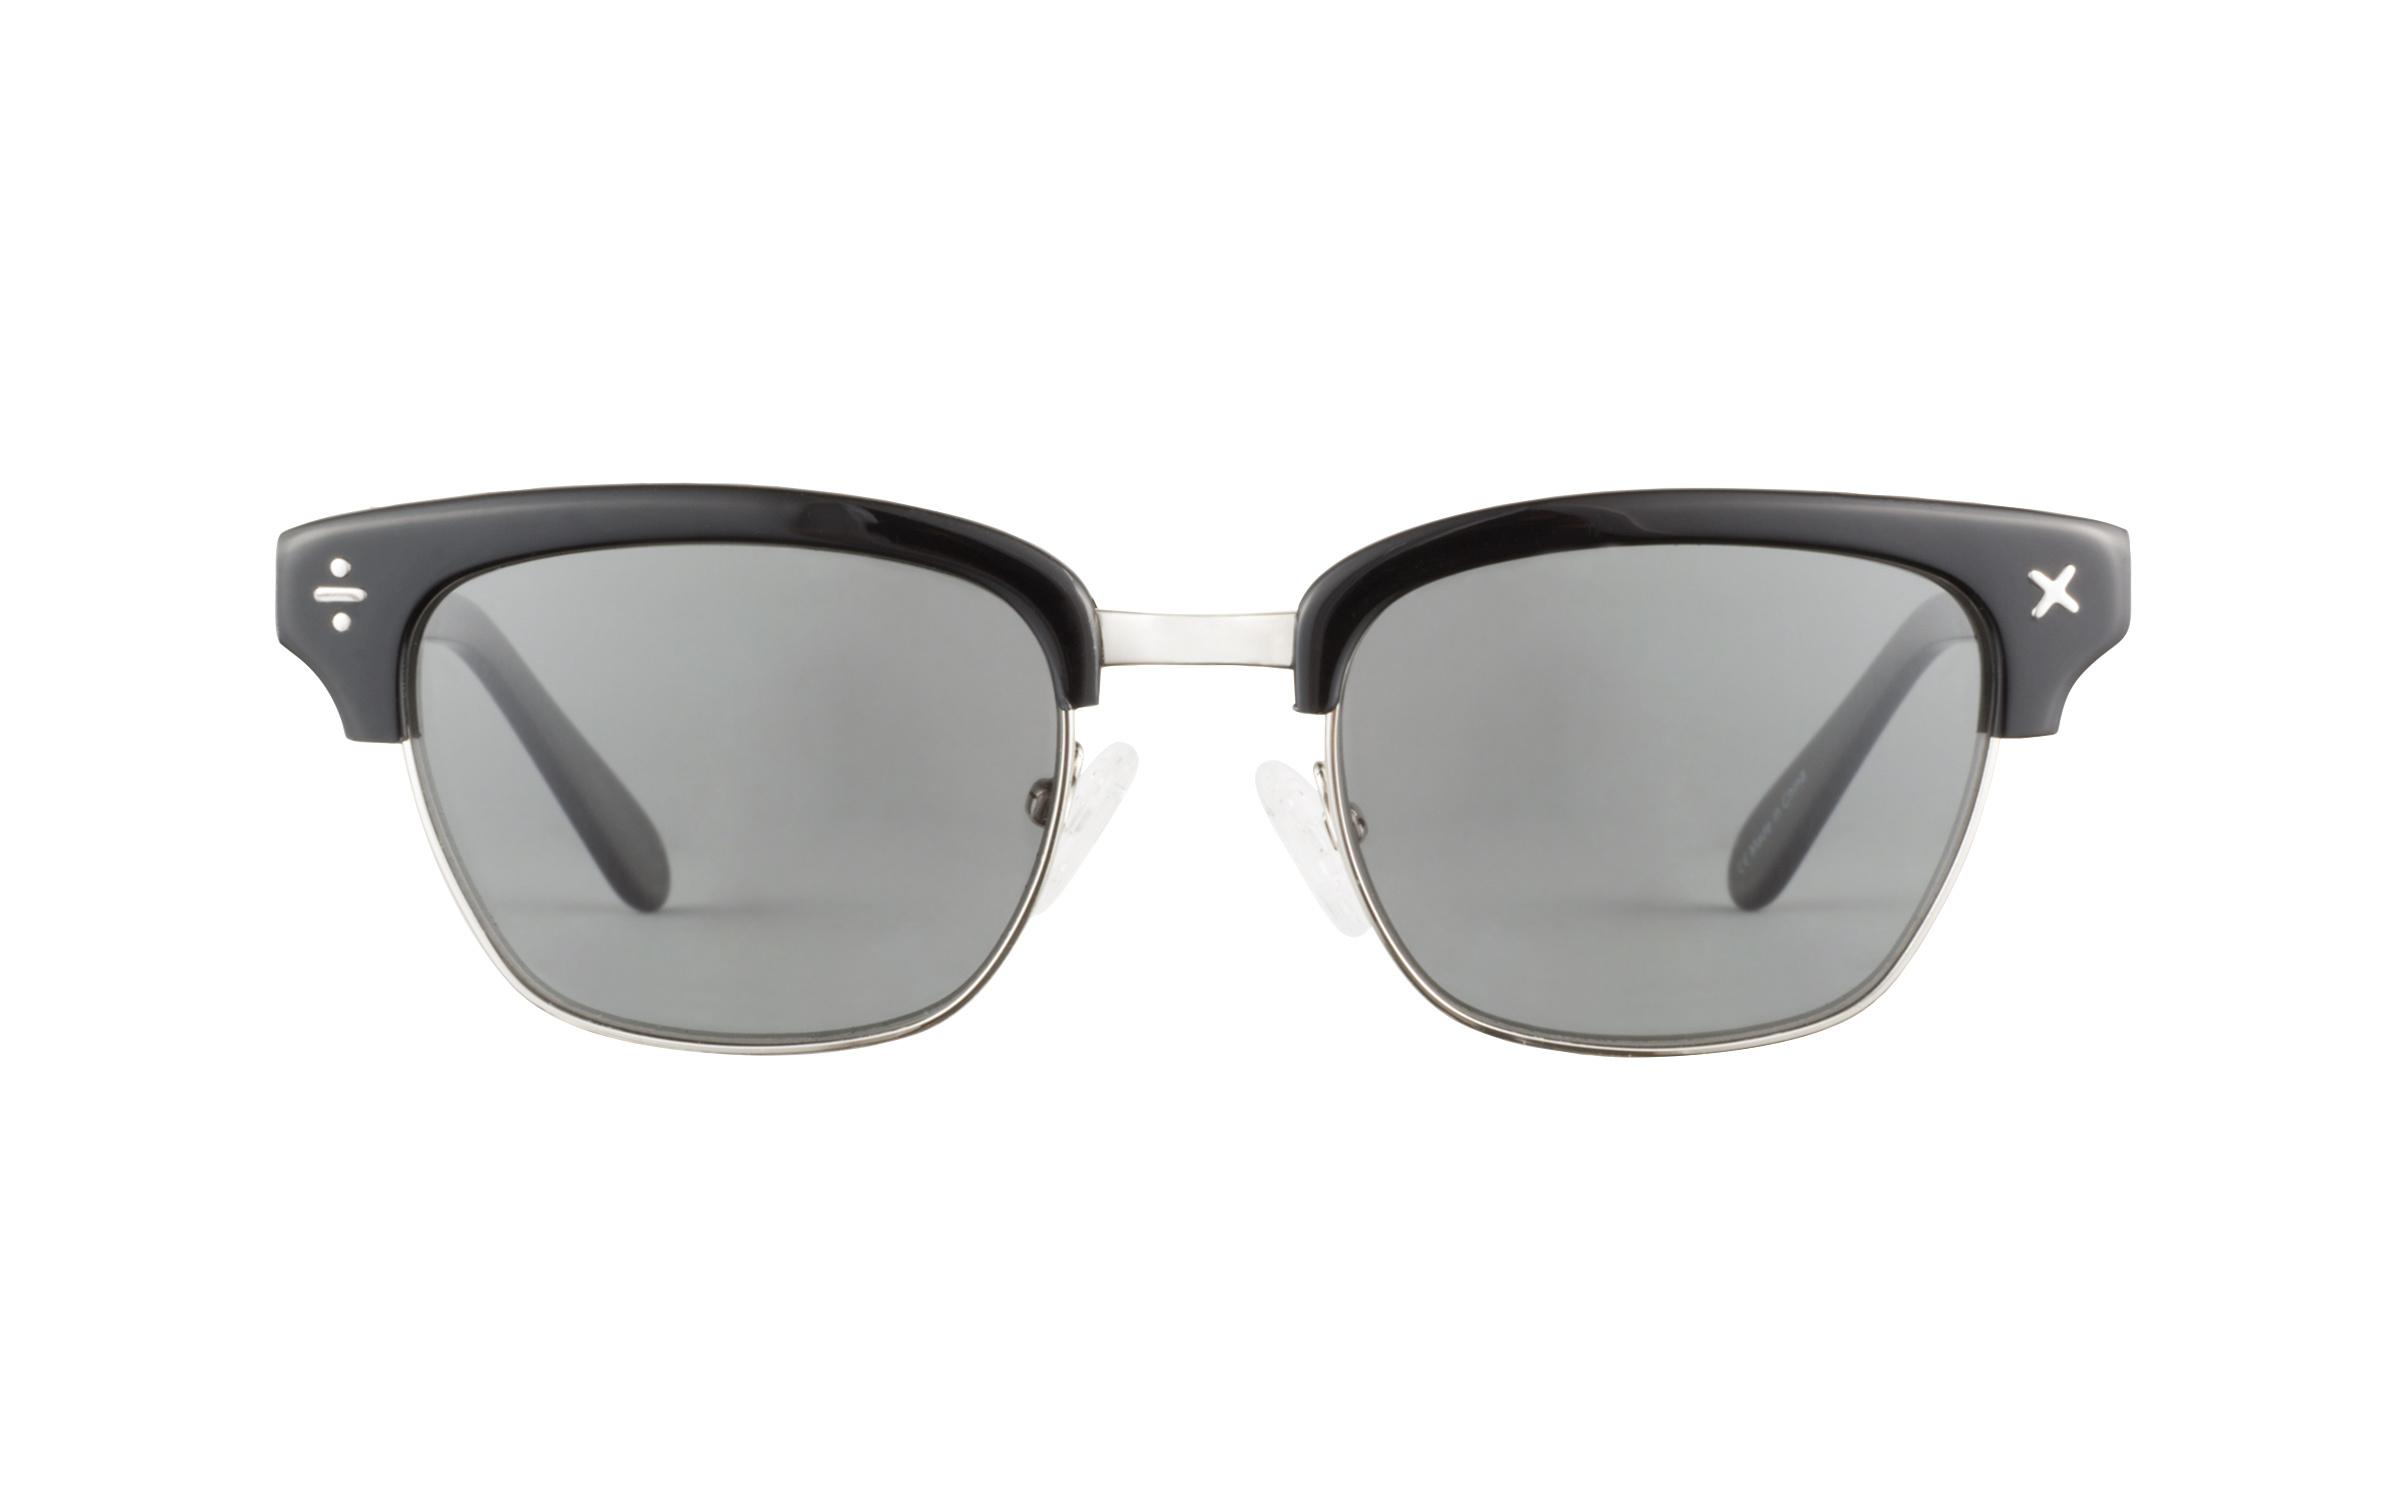 Vintage_Sunglasses_Brown_Derek_Cardigan_Online_Coastal